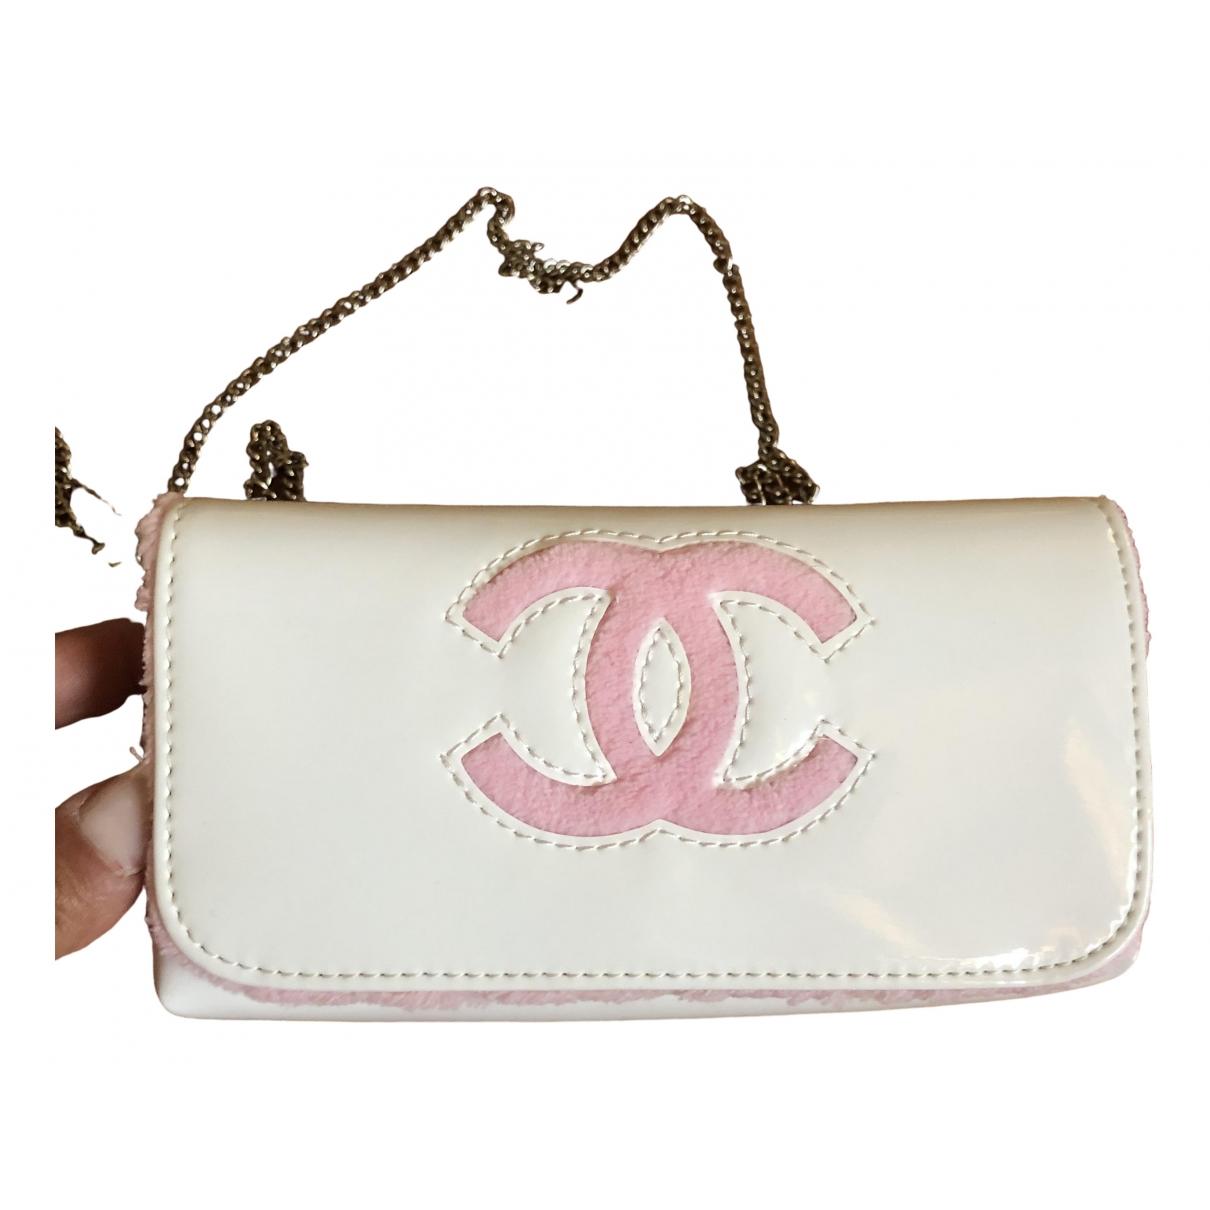 Bolsos clutch en Sintetico Blanco Chanel